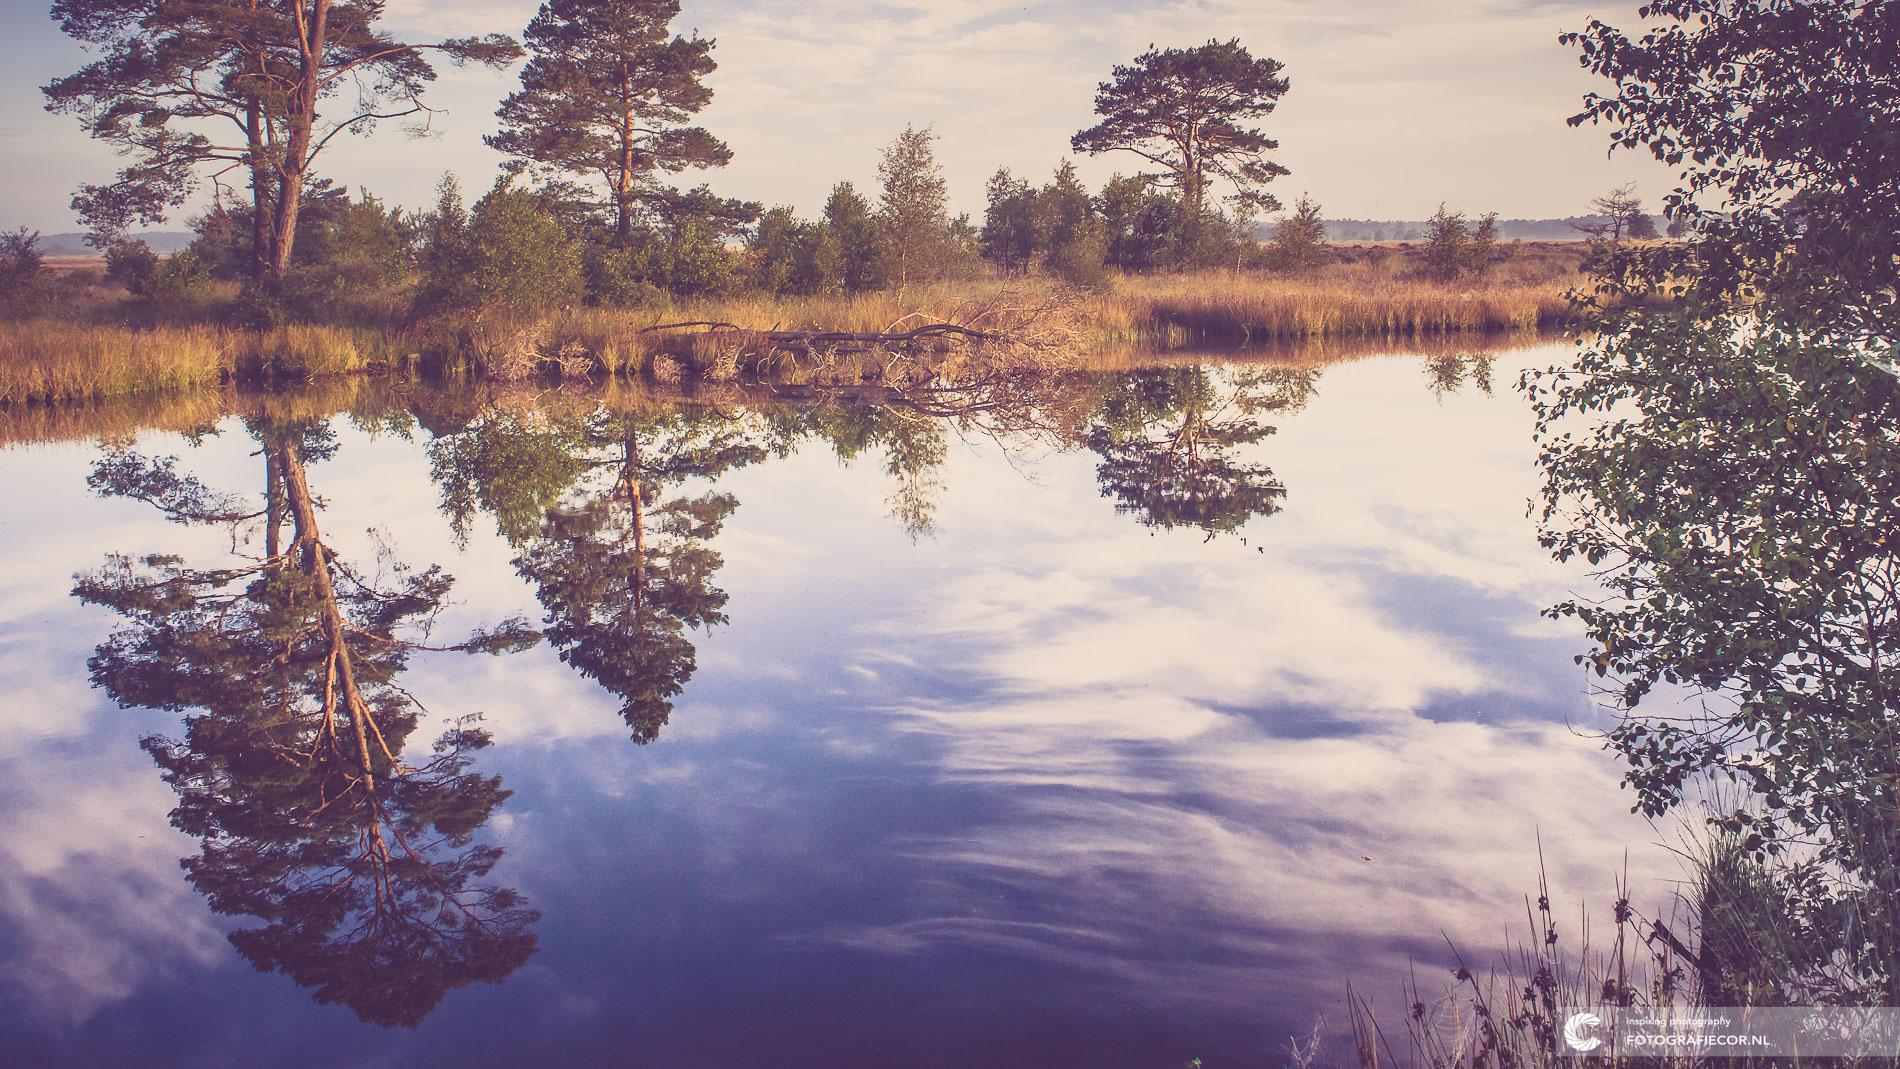 Dwingelderveld | Spiegelend water | Natuurfotograaf | Nederland